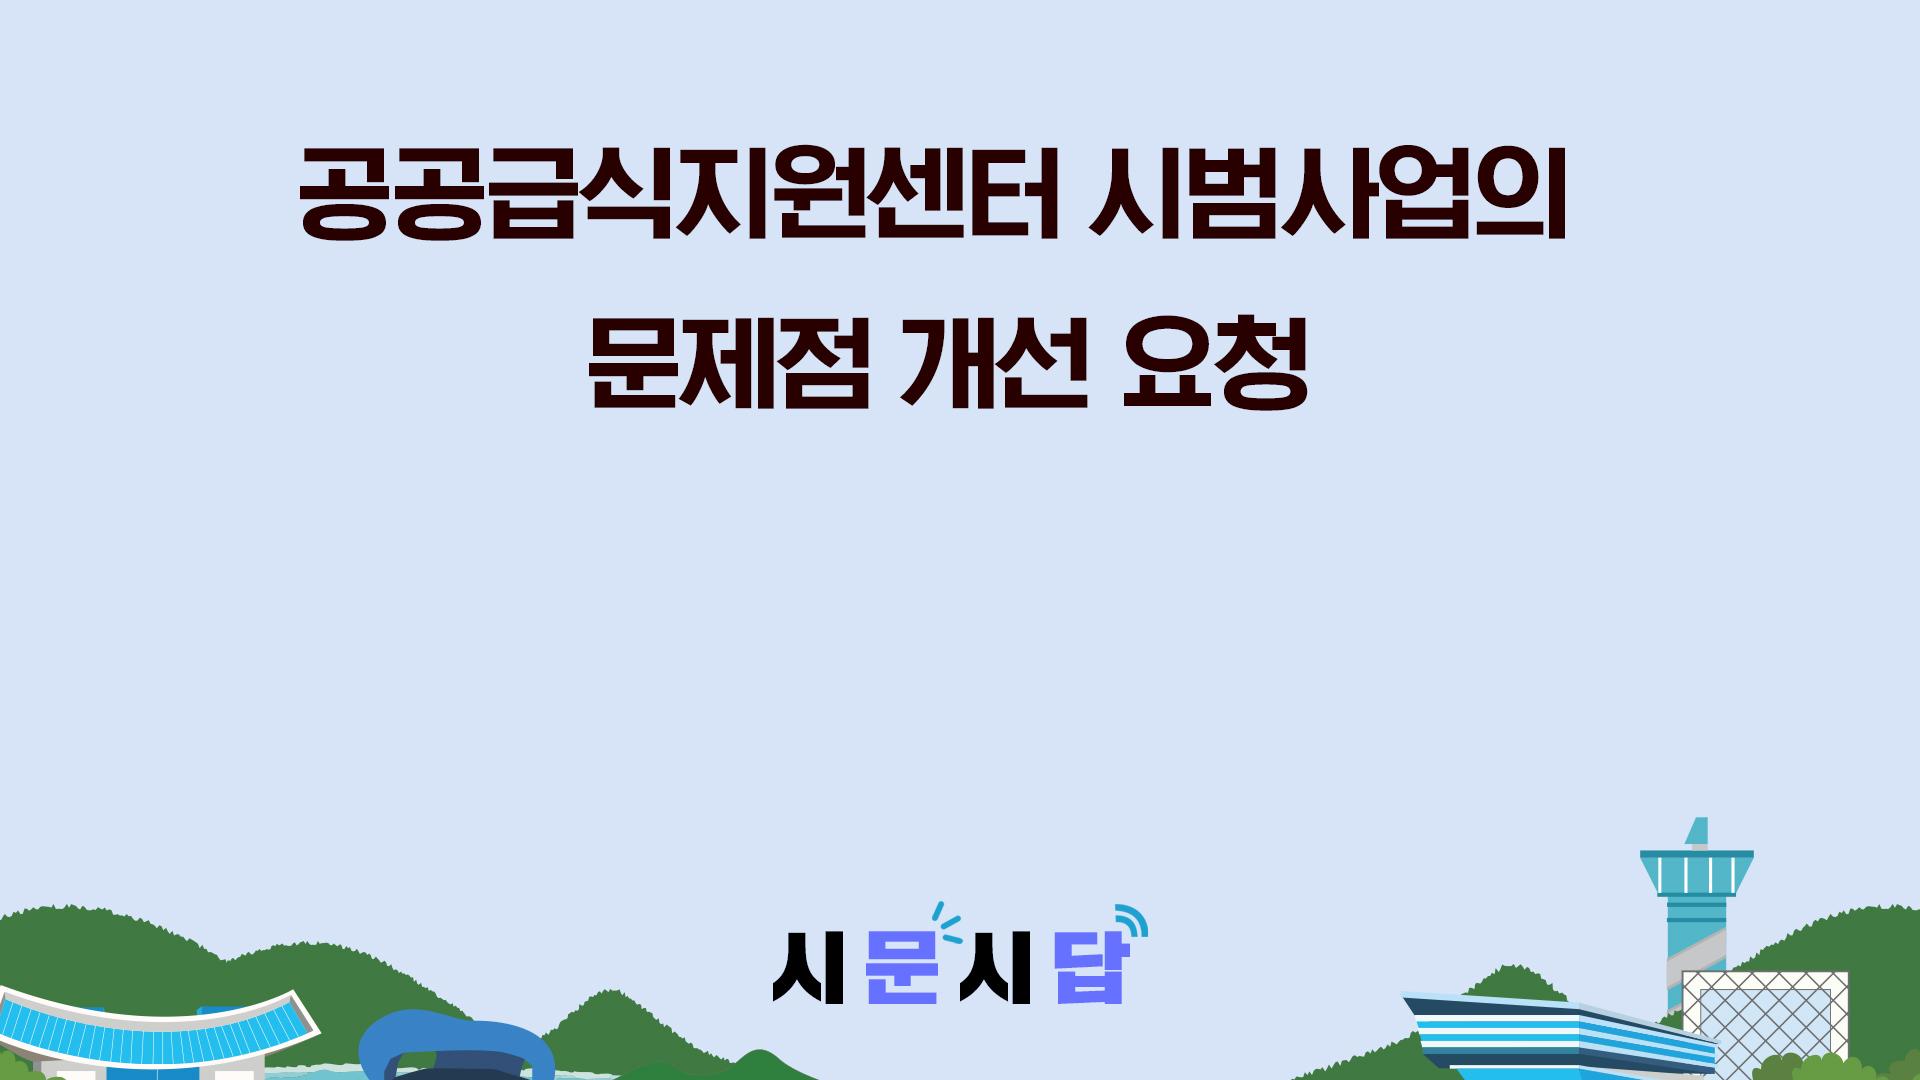 <시문시답> 공공급식지원센터 시범사업의 문제점 개선 요청